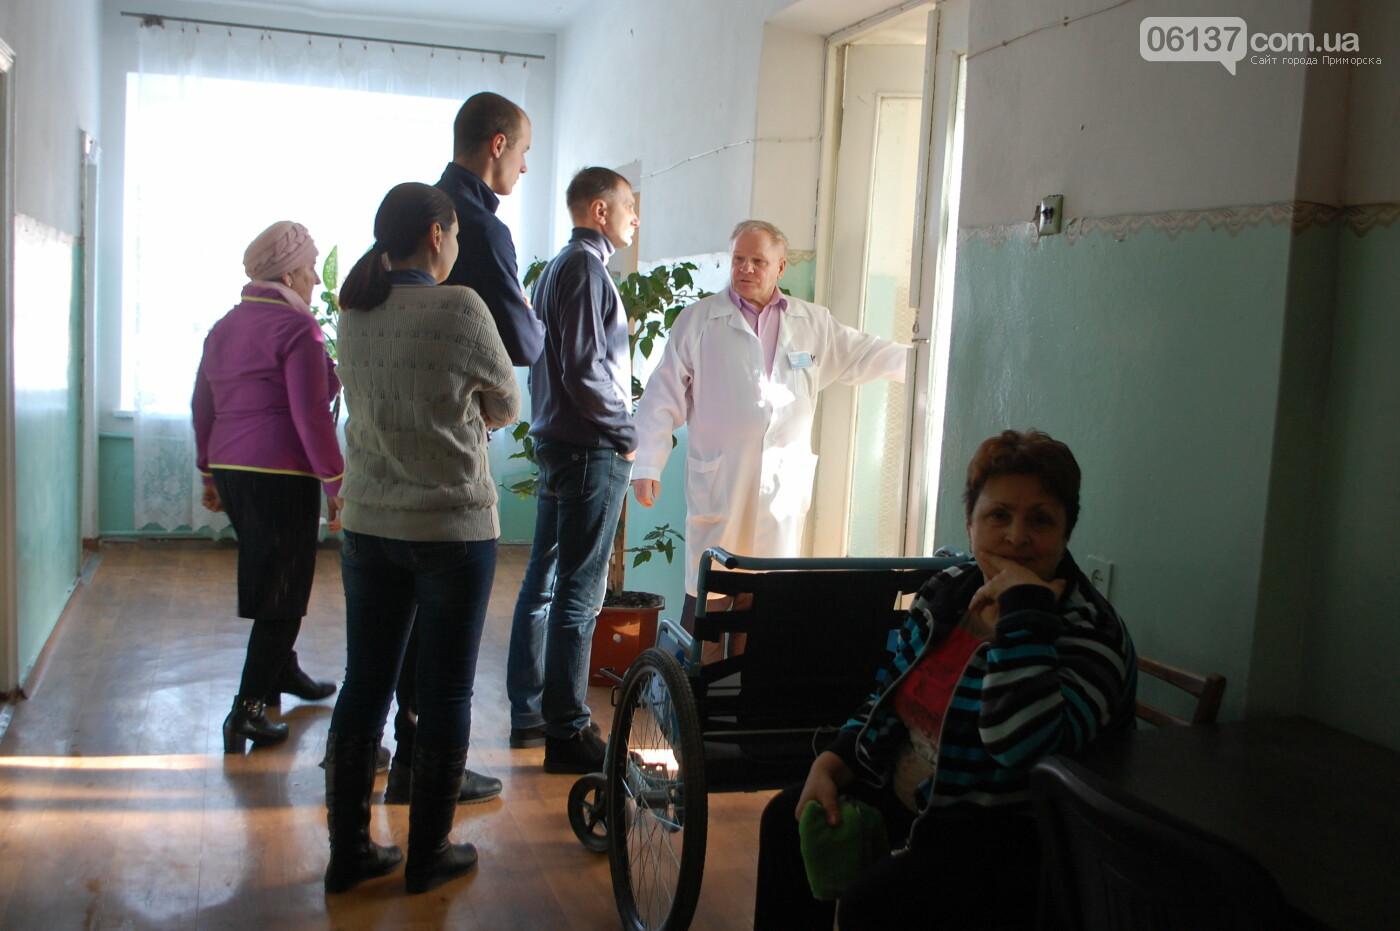 За дитину, якій не надали медичну допомогу заступилися активісти Приморська, фото-3